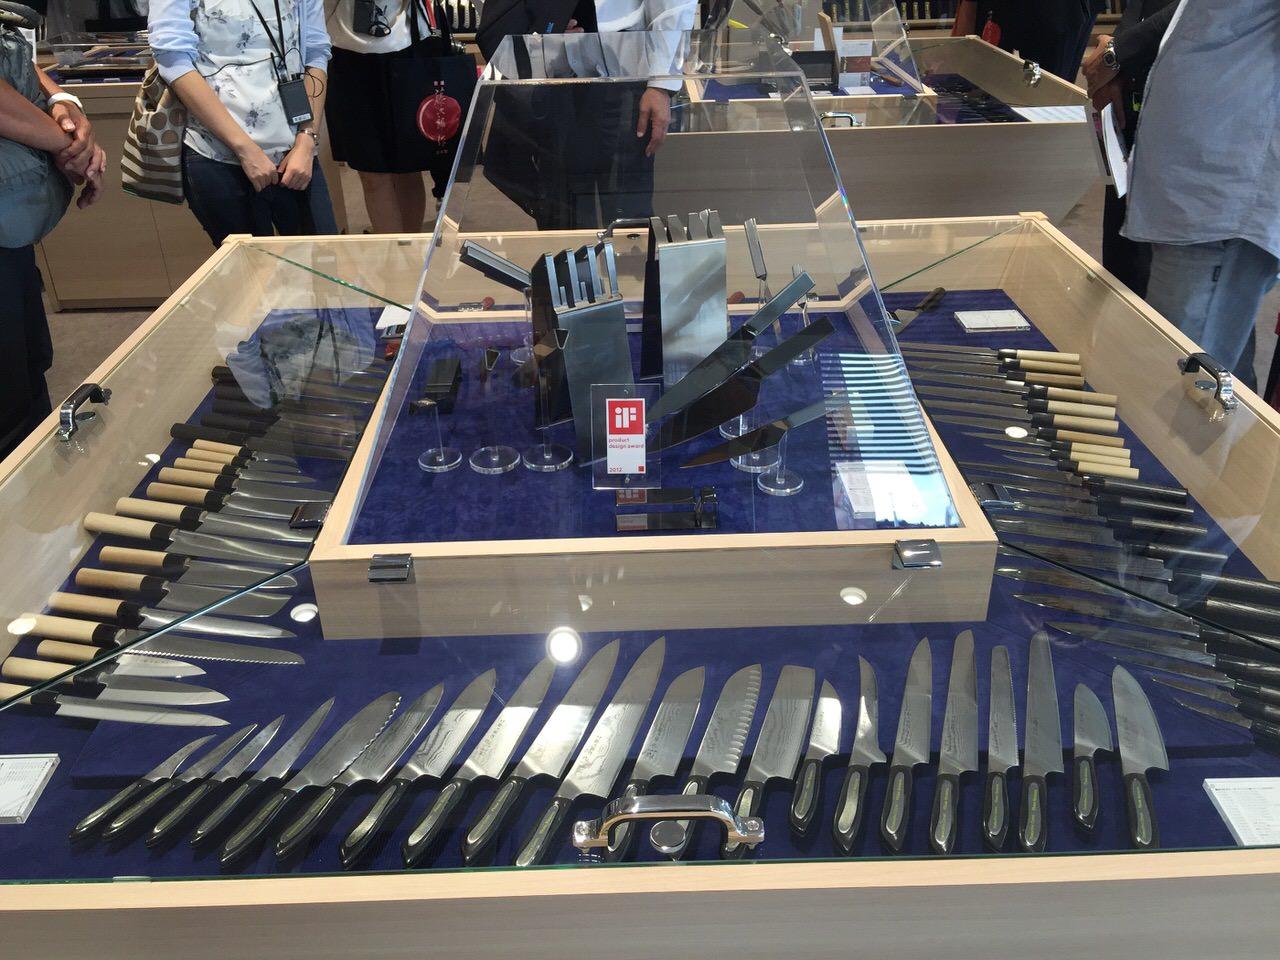 「藤次郎ナイフギャラリー(燕三条)」1,200品目のナイフの展示スペース